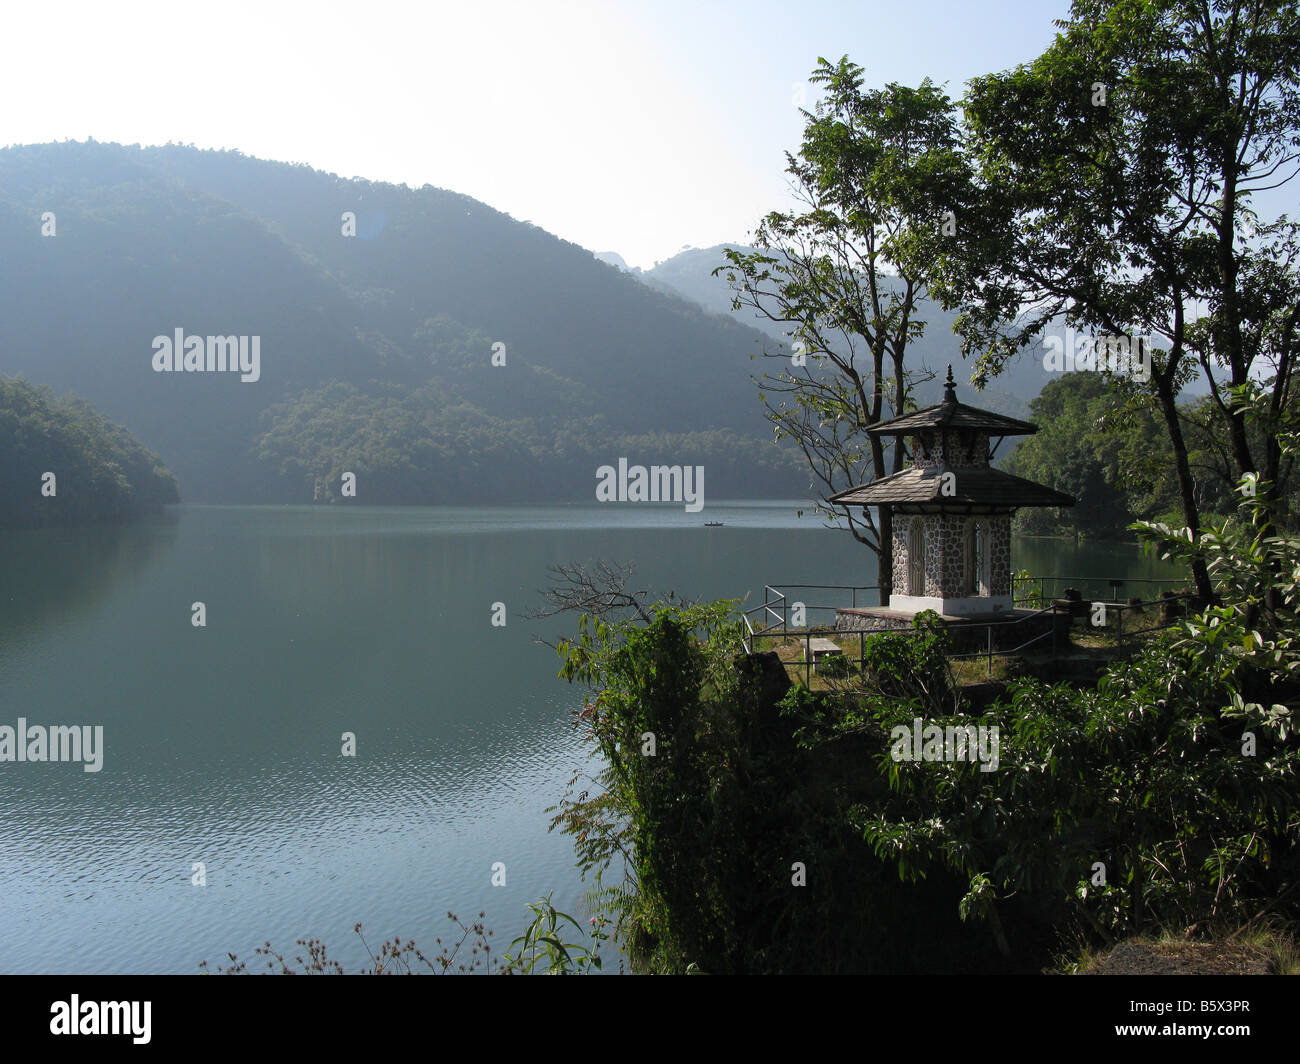 A shrine on Phewa Lake, Pokhara, Annapurna foothills, Gandaki, Himalayas, Nepal, central Asia - Stock Image